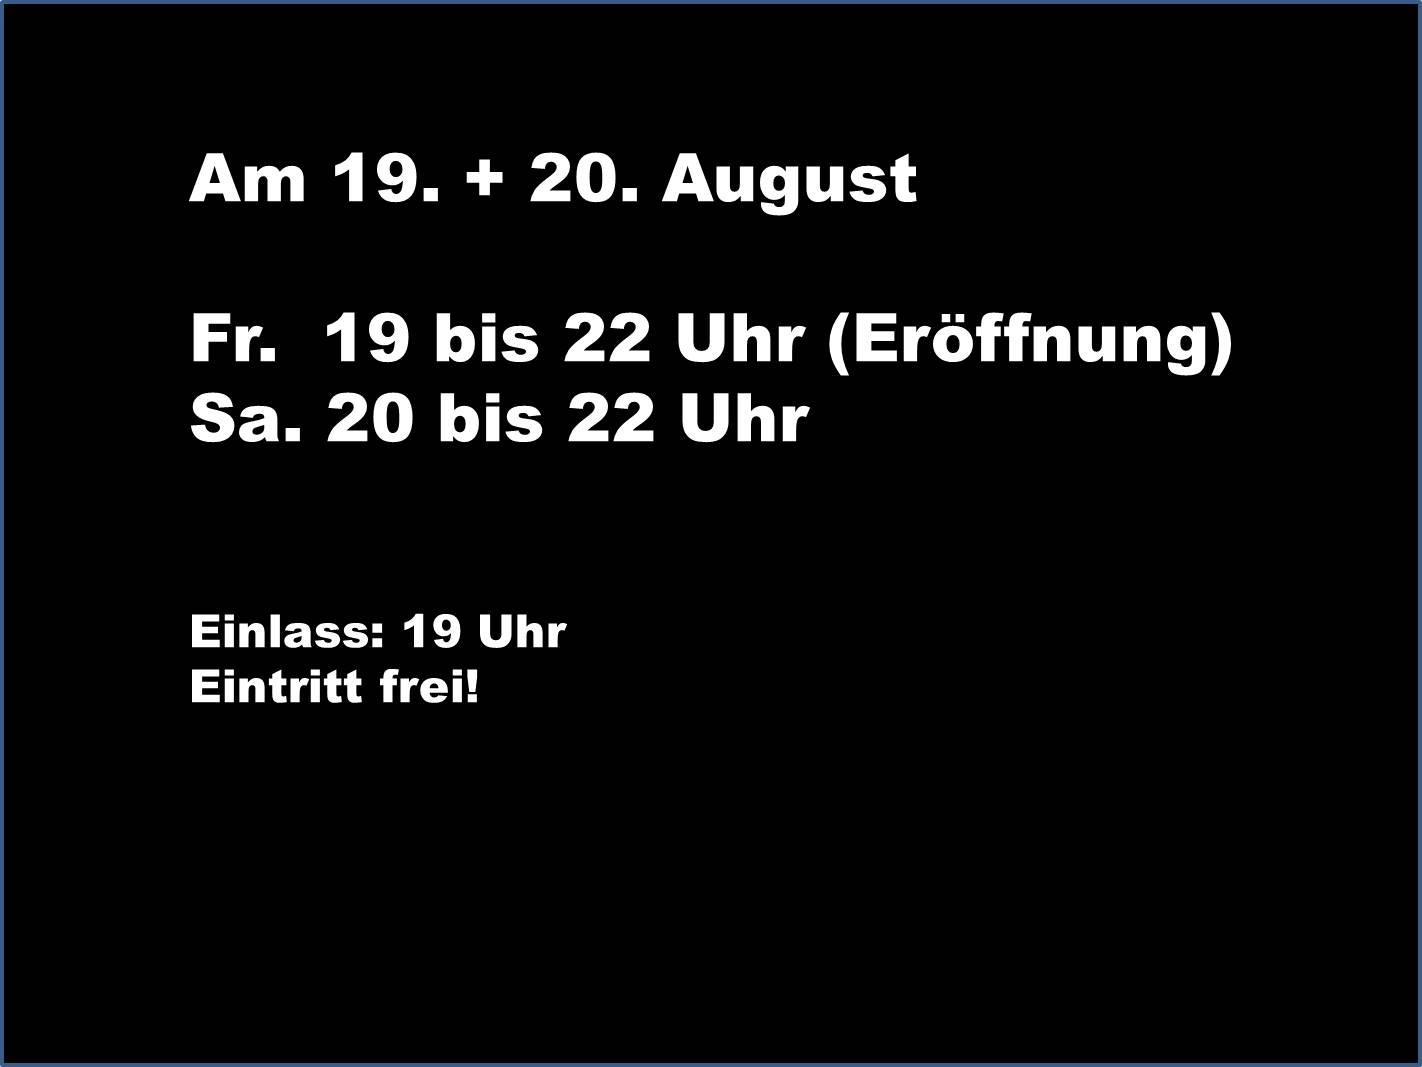 G:\A Kämmerei Verein\a Verlassene Räume\Werbefilm\Konzert\Datum.jpg